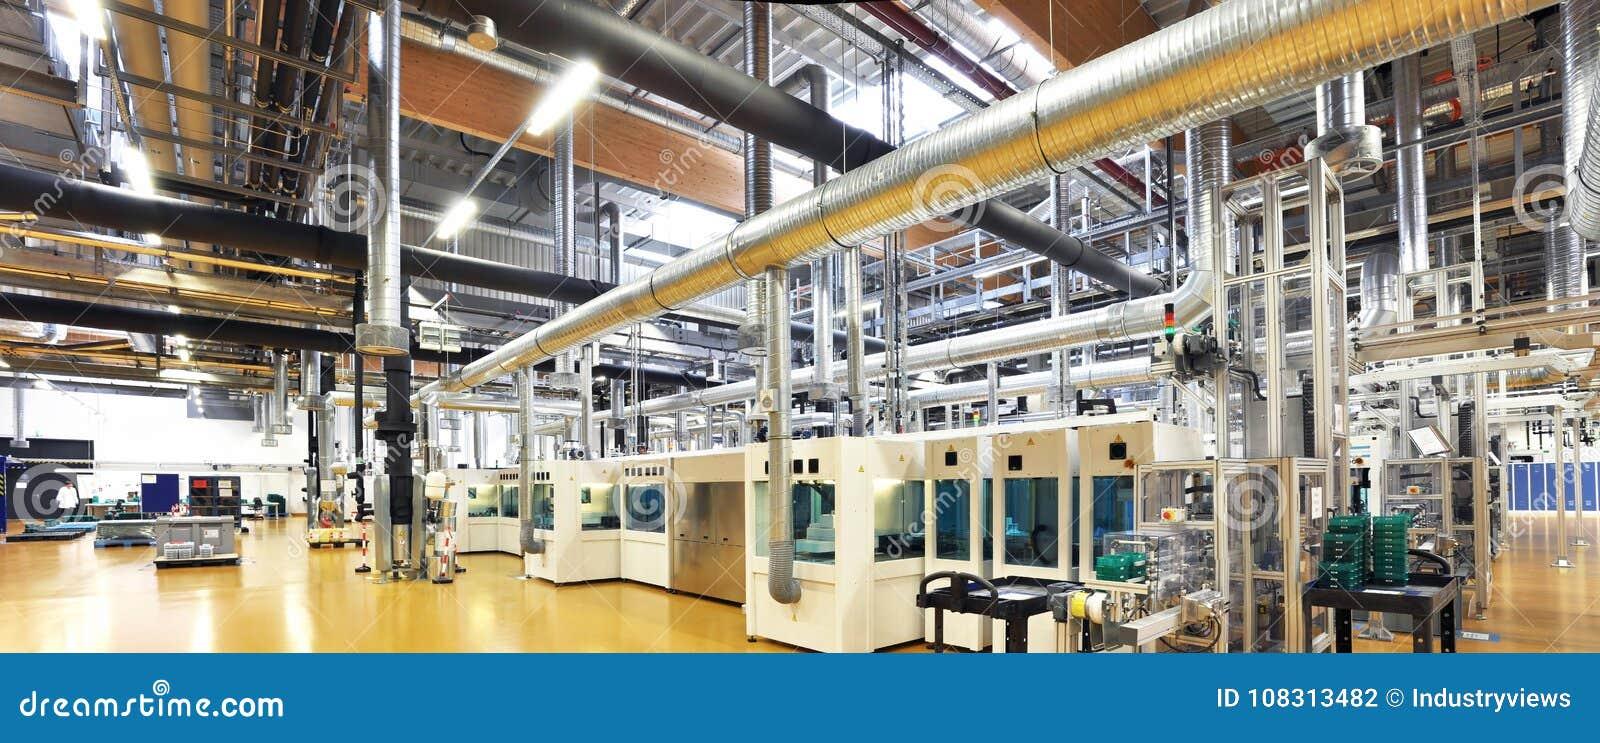 Εργοστάσιο υψηλής τεχνολογίας - παραγωγή των ηλιακών κυττάρων - μηχανήματα και μέσα